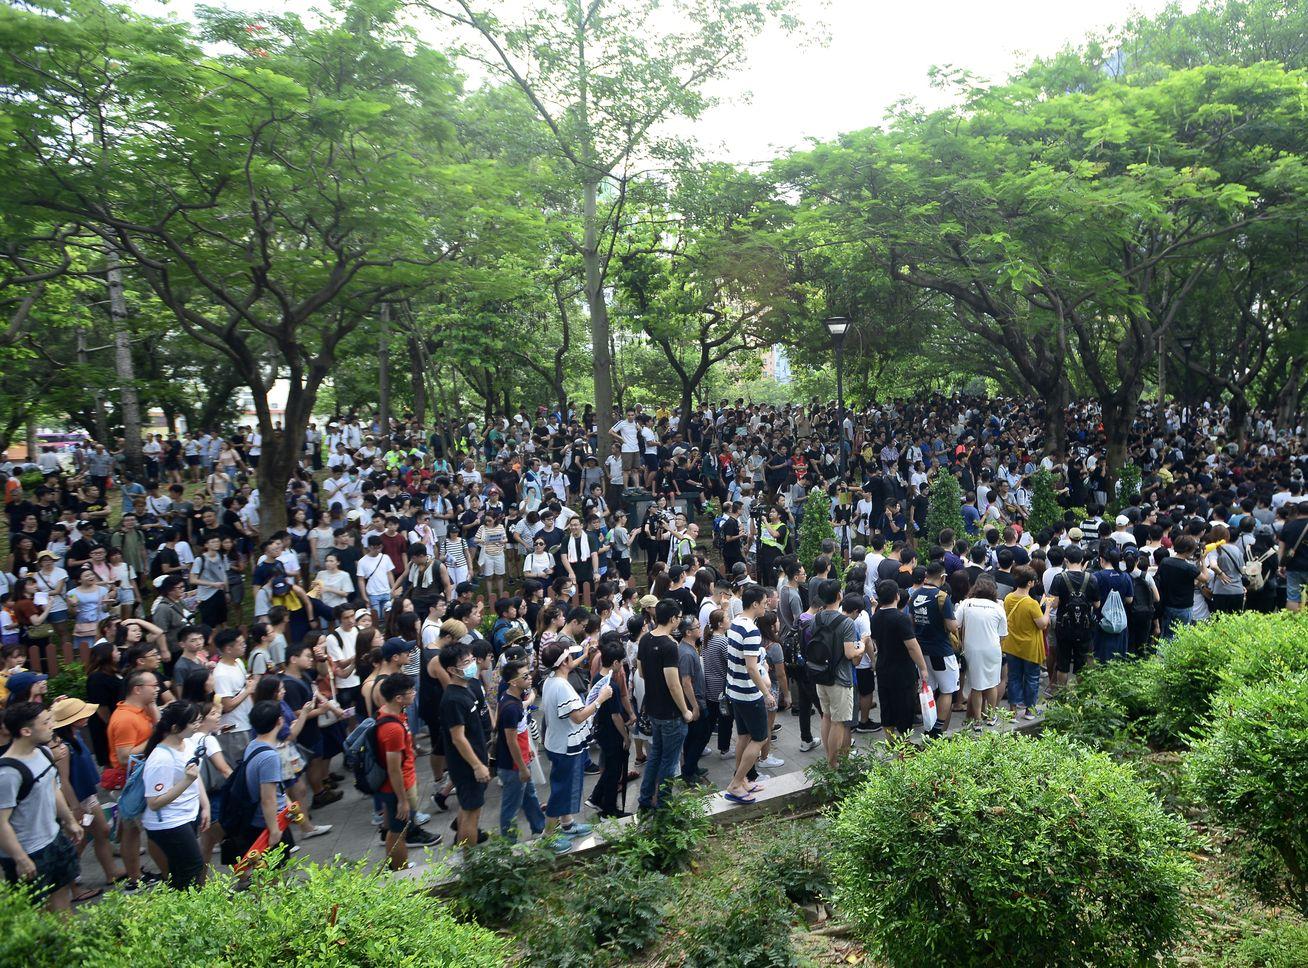 該關注組計劃本周六再發起「屯門公園再光復遊行」,獲警方反對。資料圖片